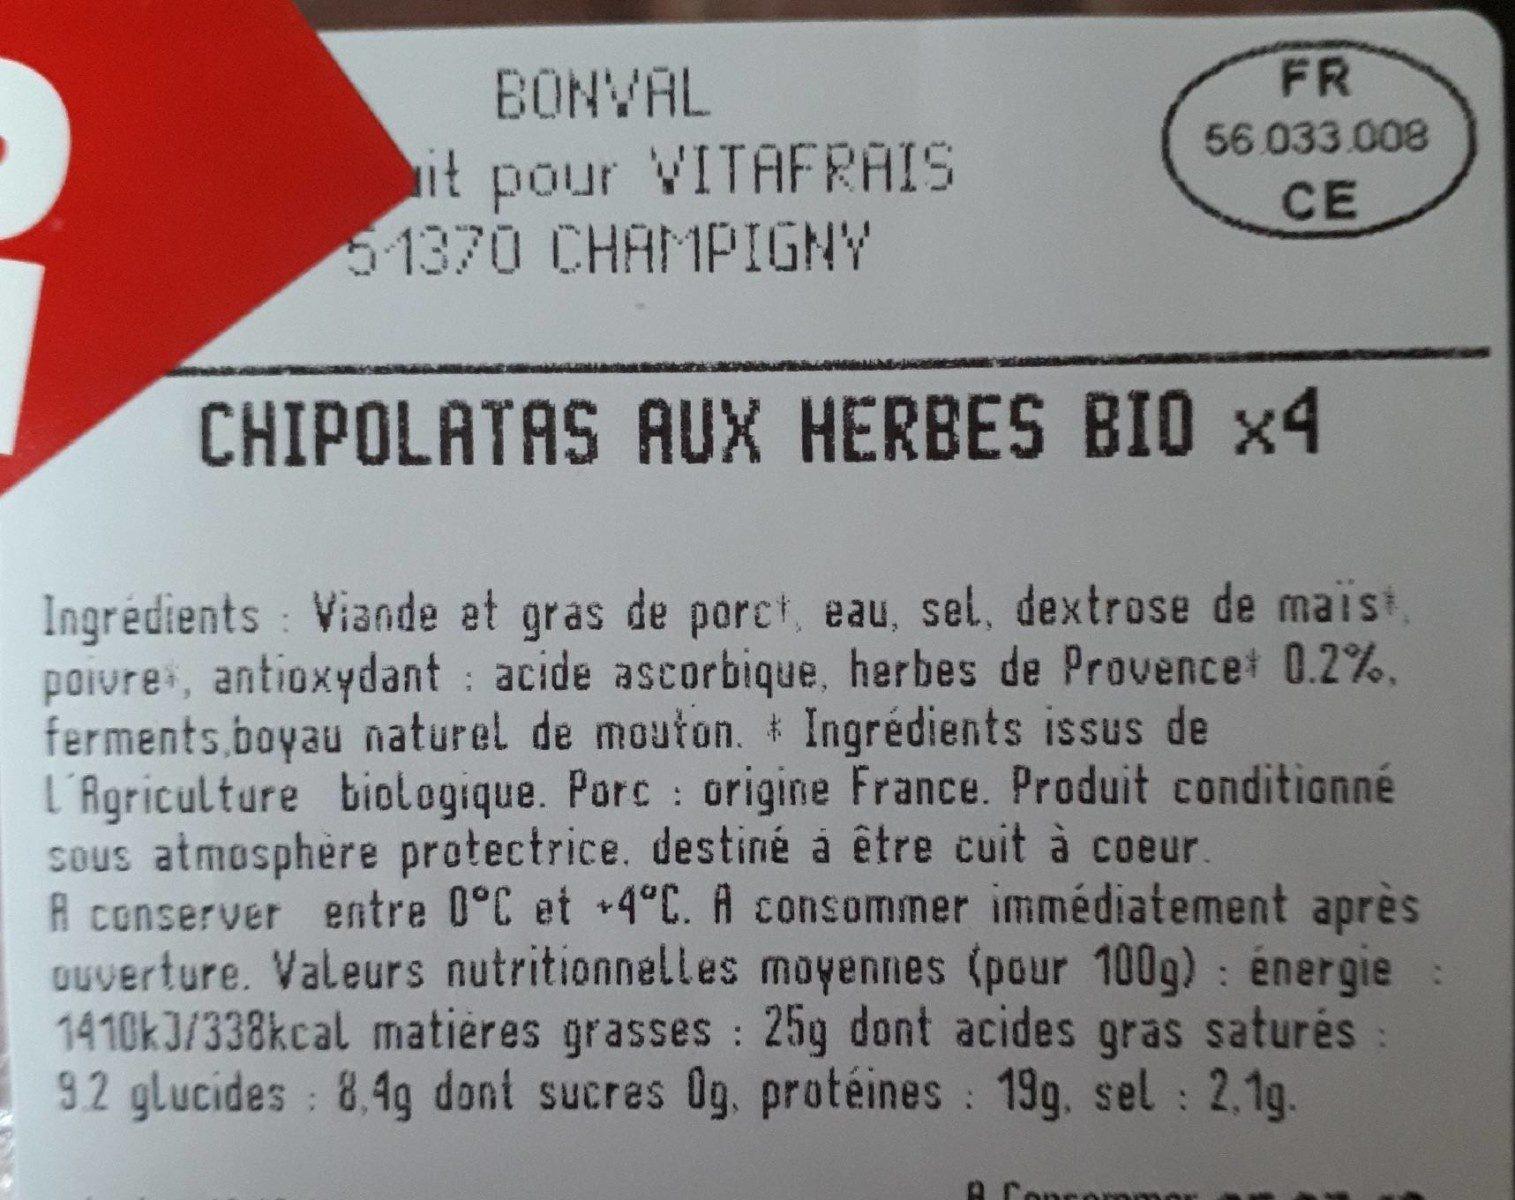 Chipolatas Aux Herbes X4 240G - Informations nutritionnelles